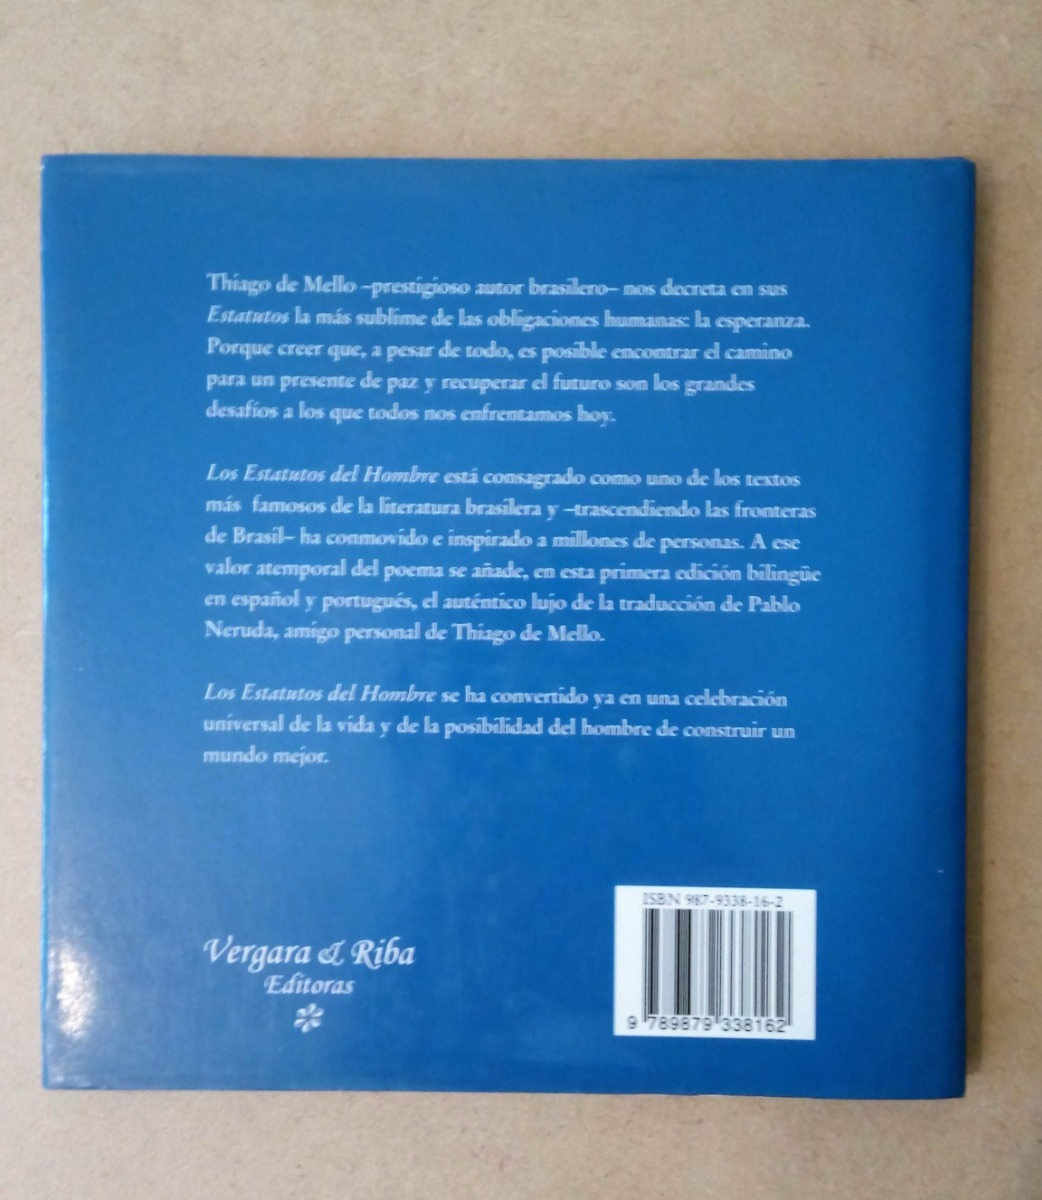 Los Estatutos Del Hombre De Thiago De Mello 20000